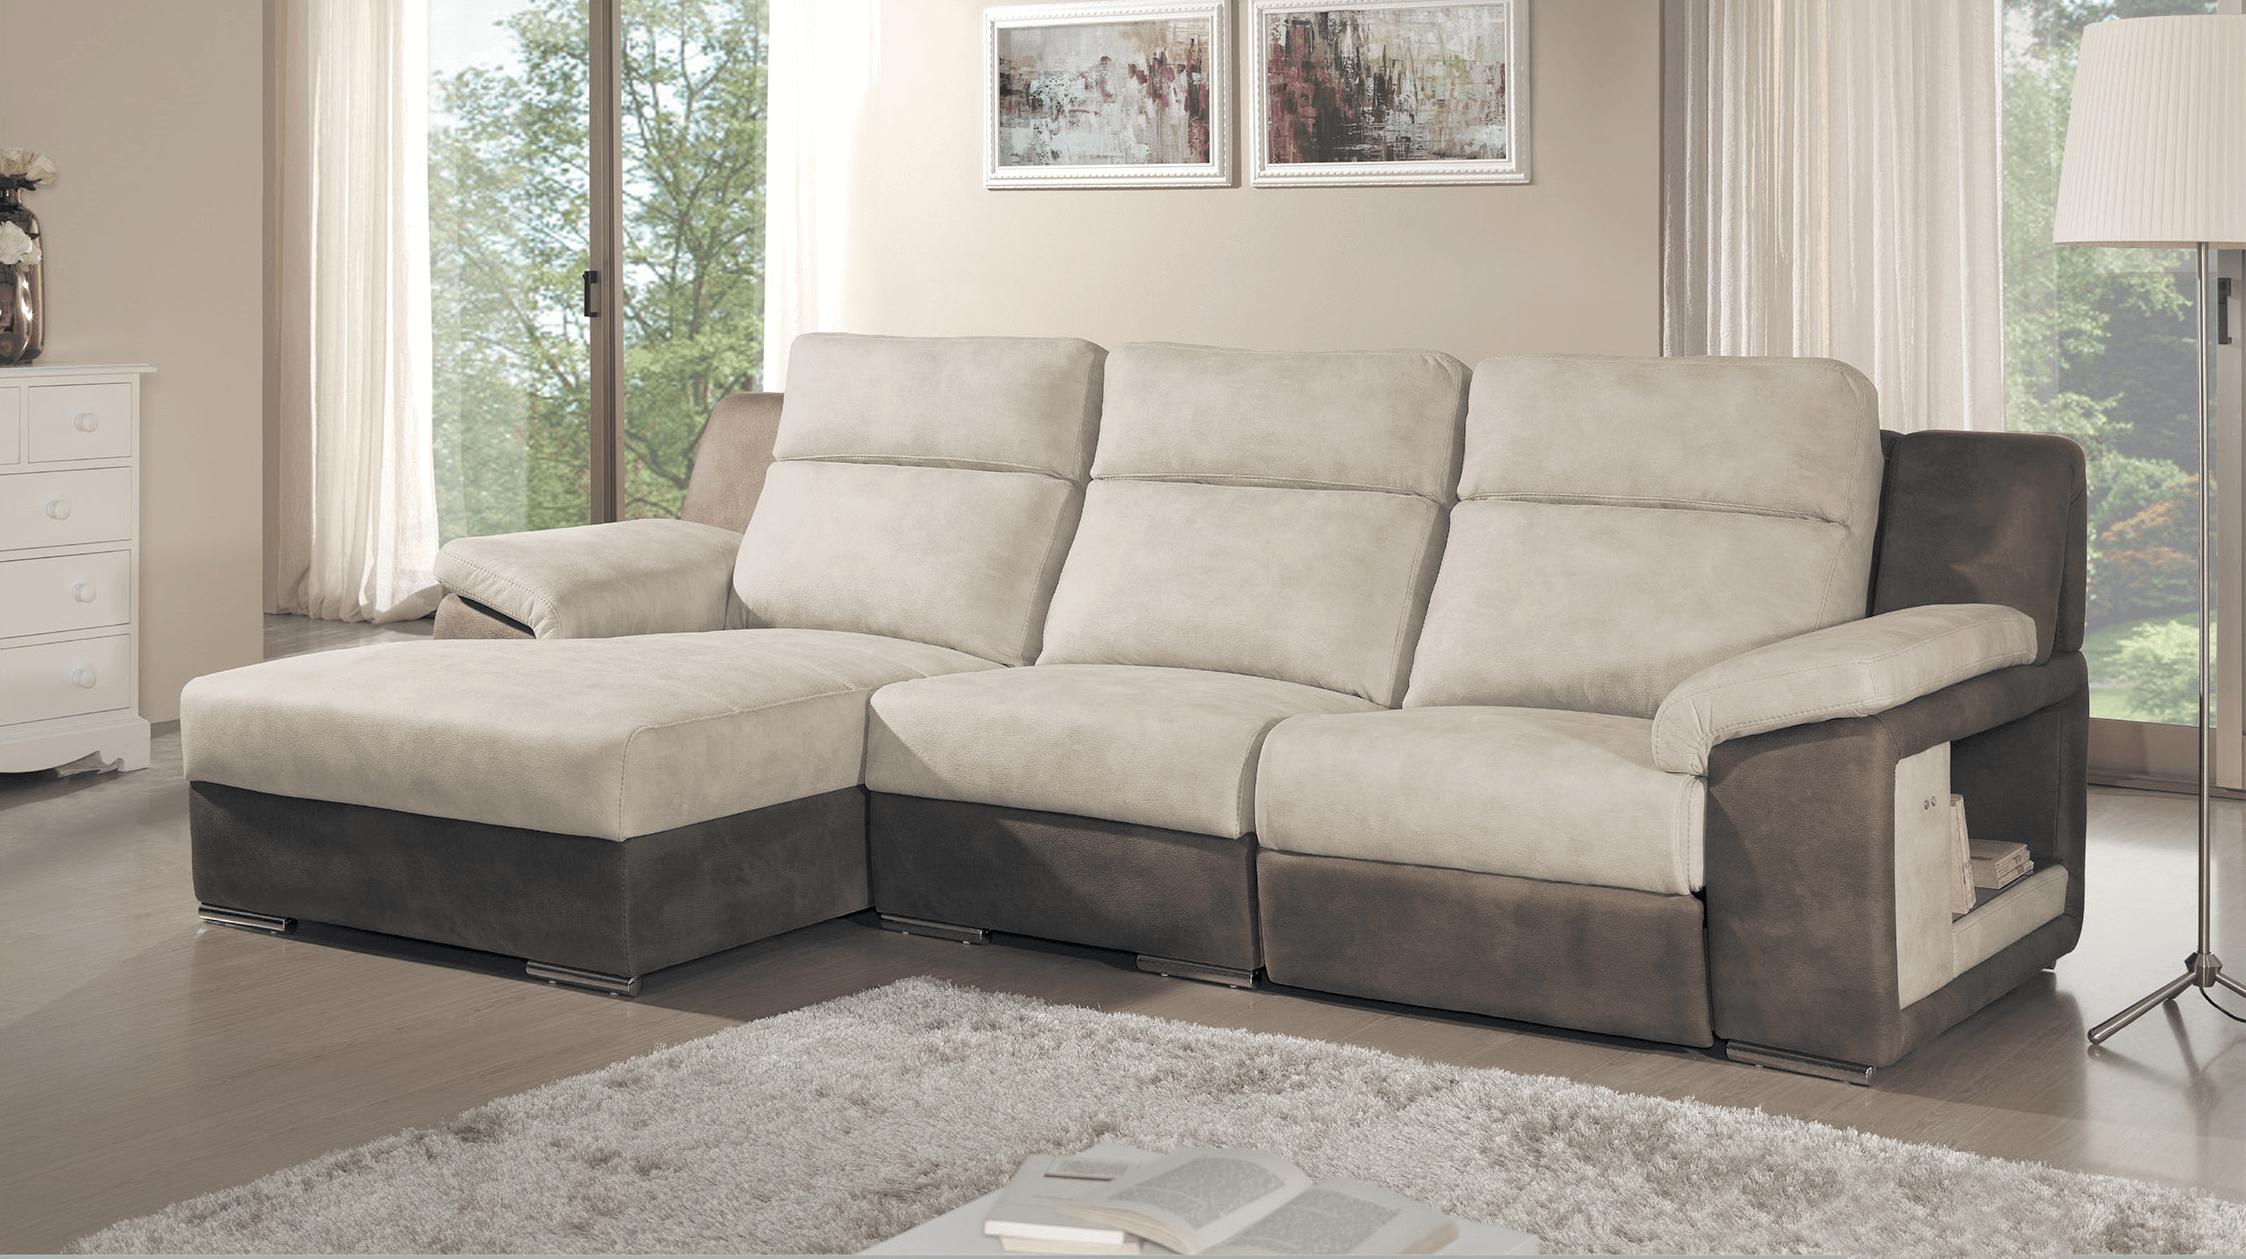 sofá moderno em pele branca e castanha